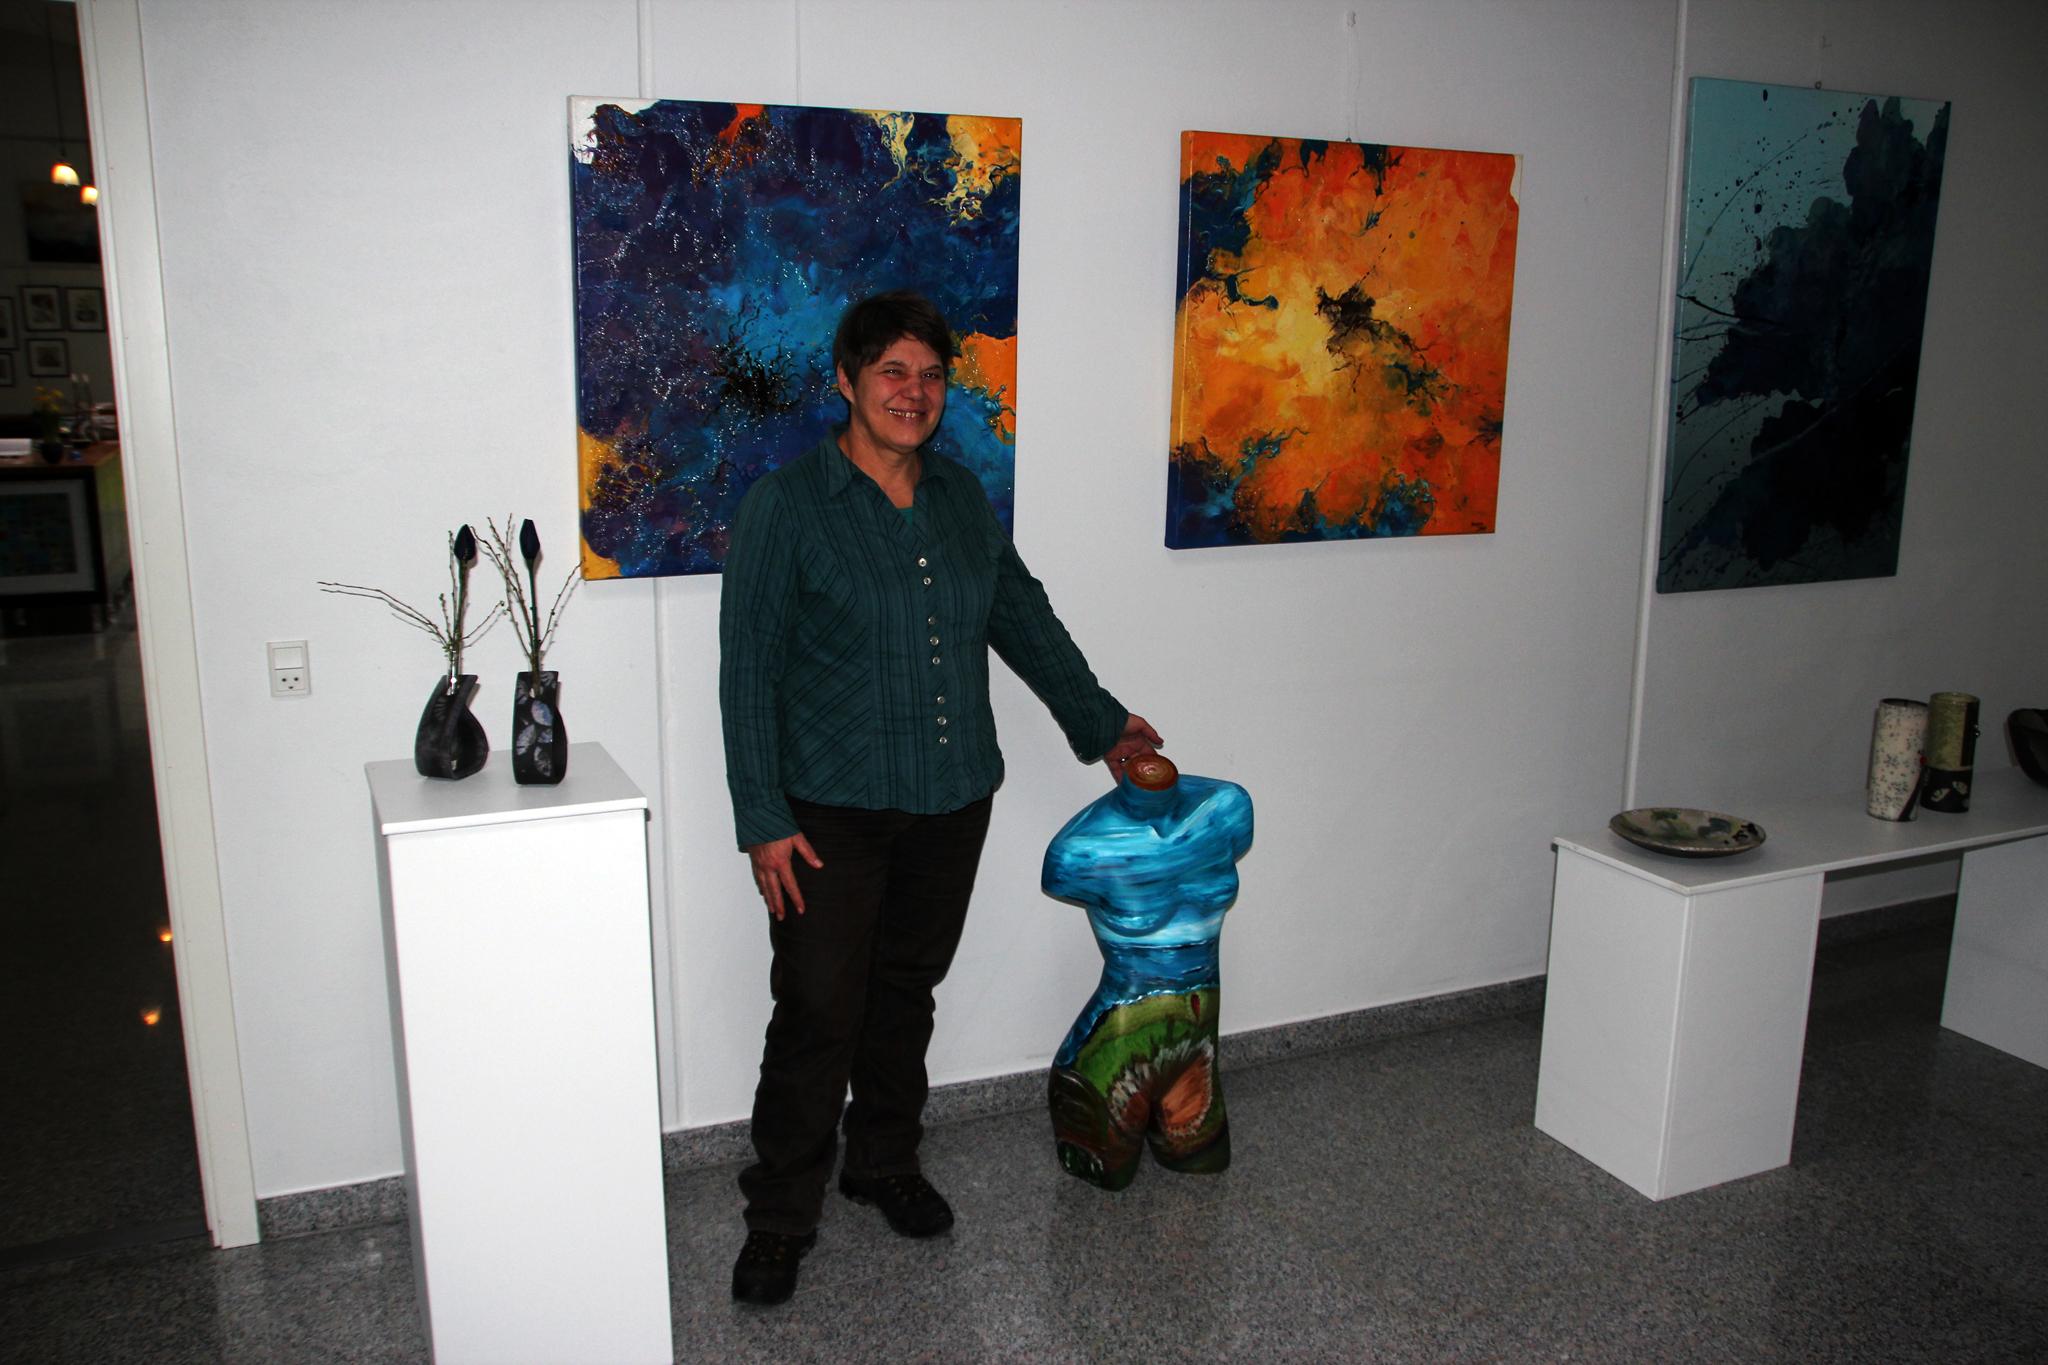 Die Künstlerin mit Korpus